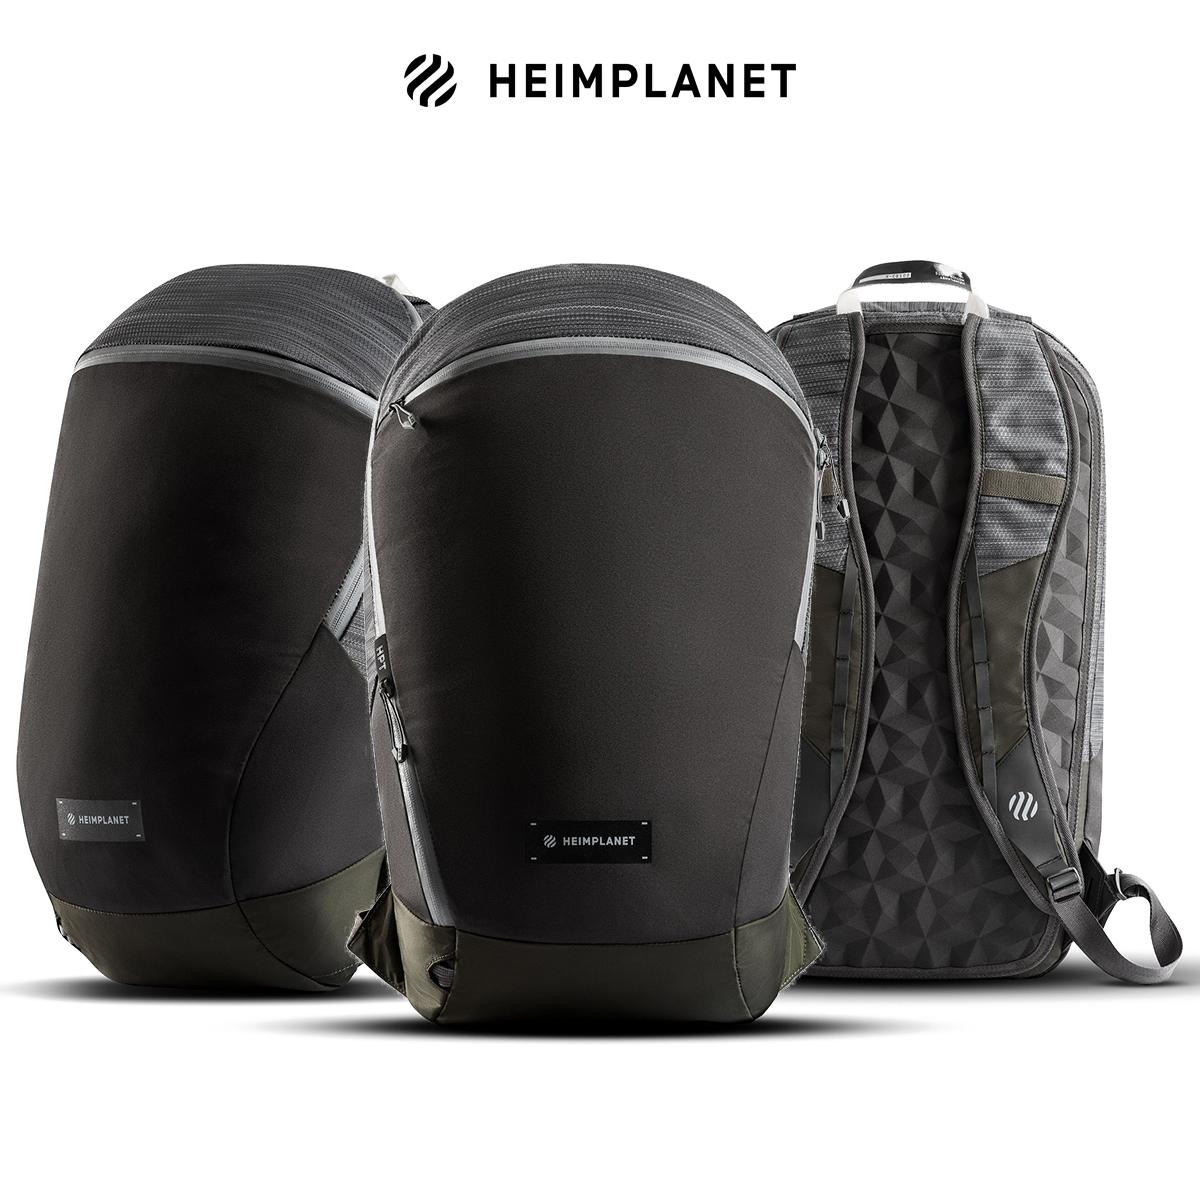 HEIMPLANET德国轻量ARC休闲背包20升肩带笔记本电脑3D塑形衬垫